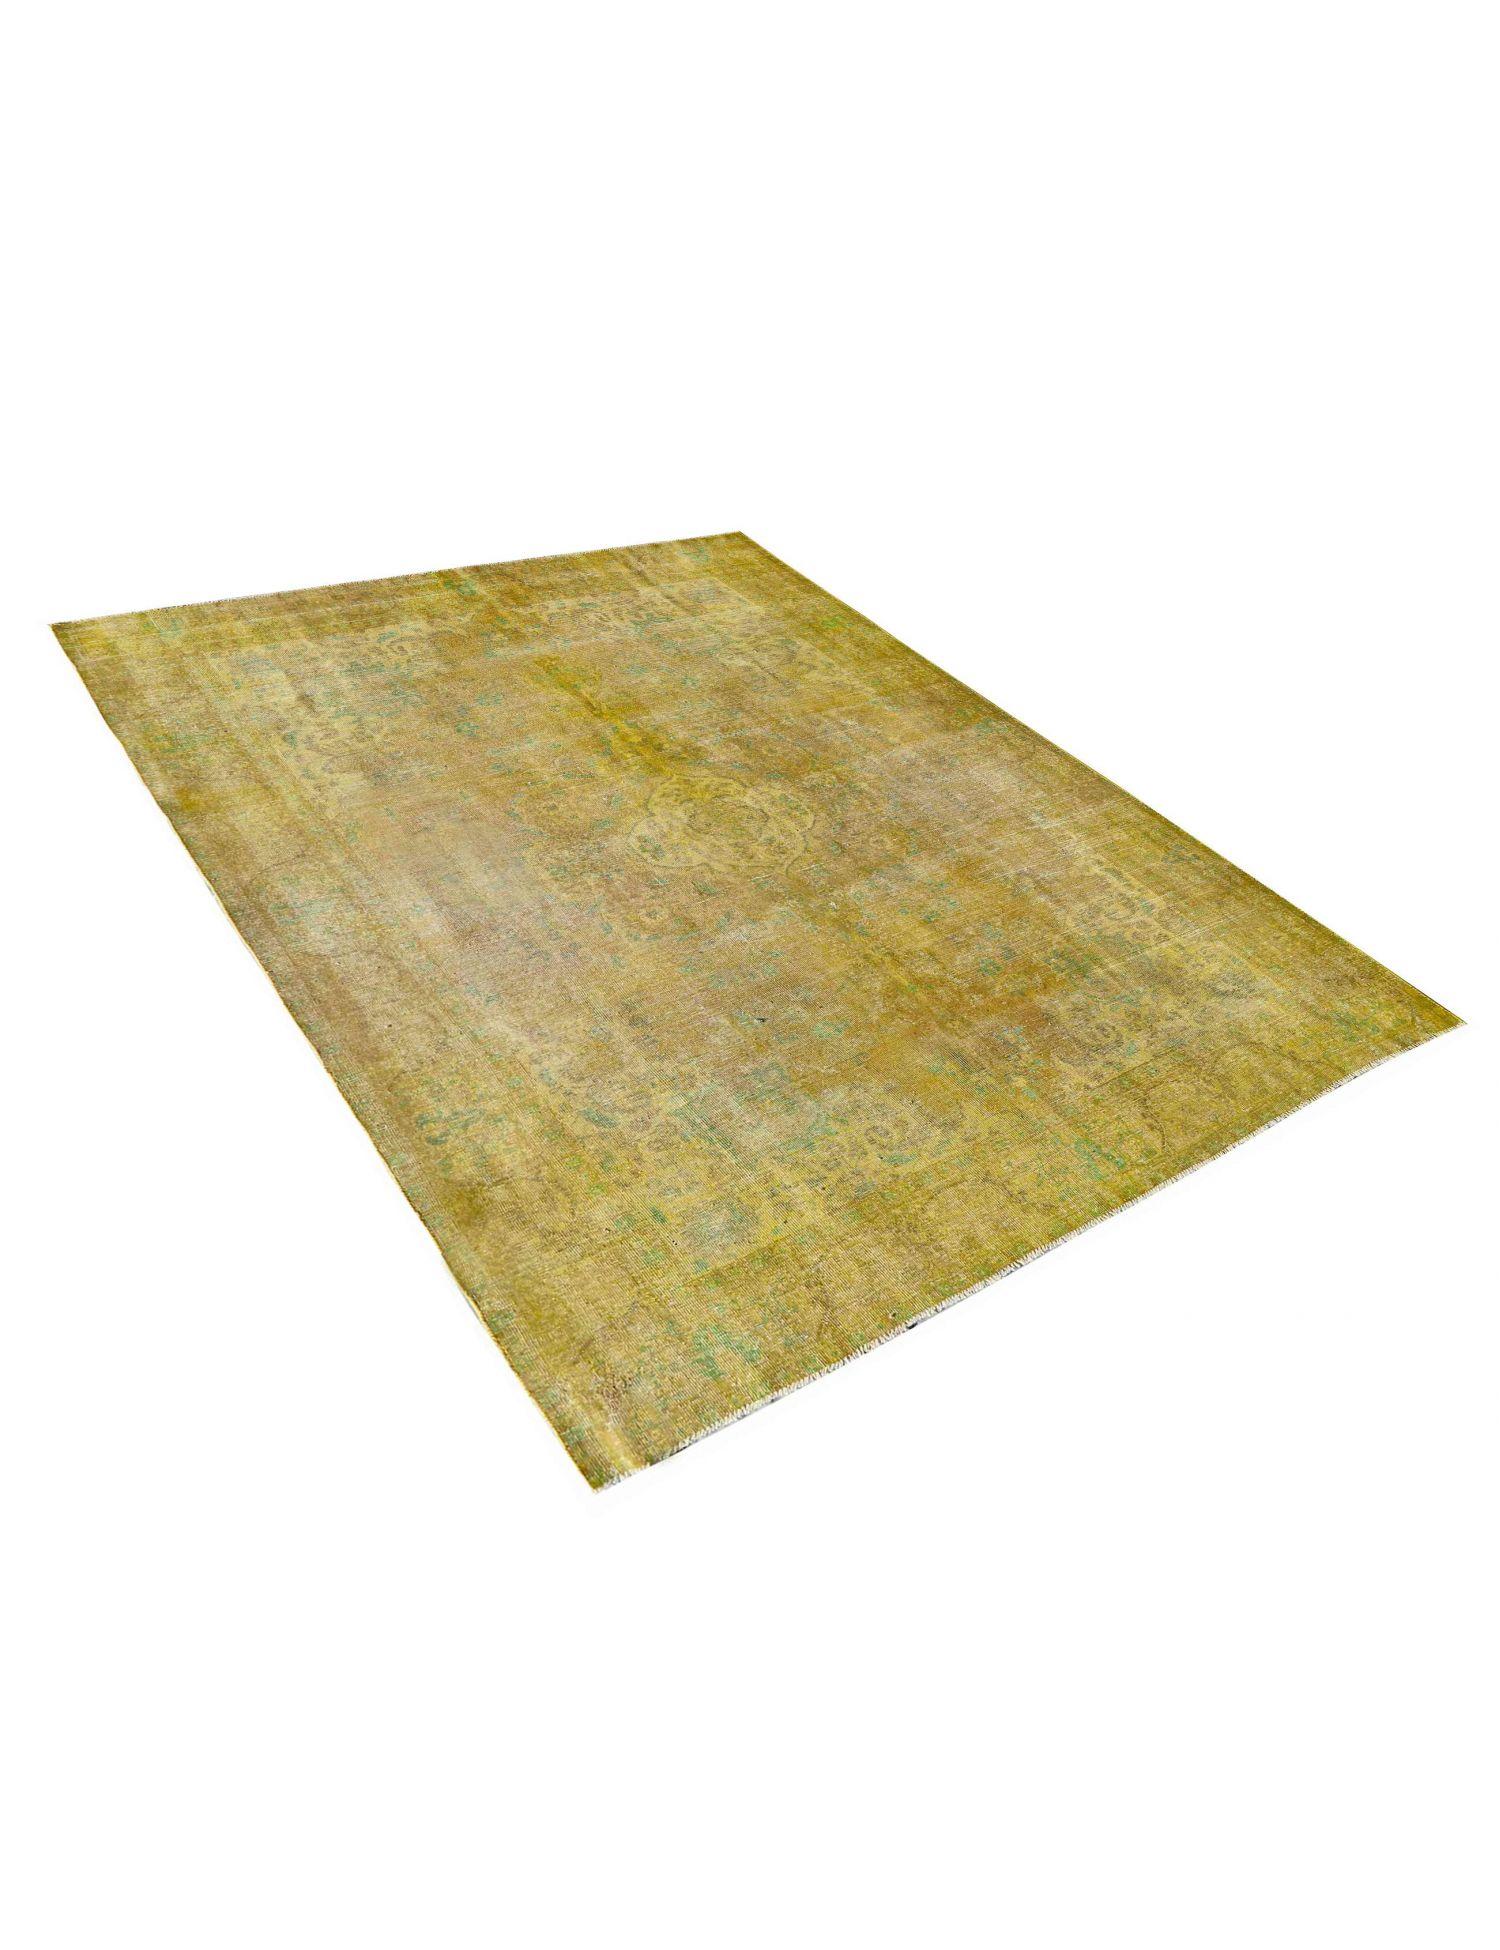 Vintage Teppich  gelb <br/>372 x 282 cm